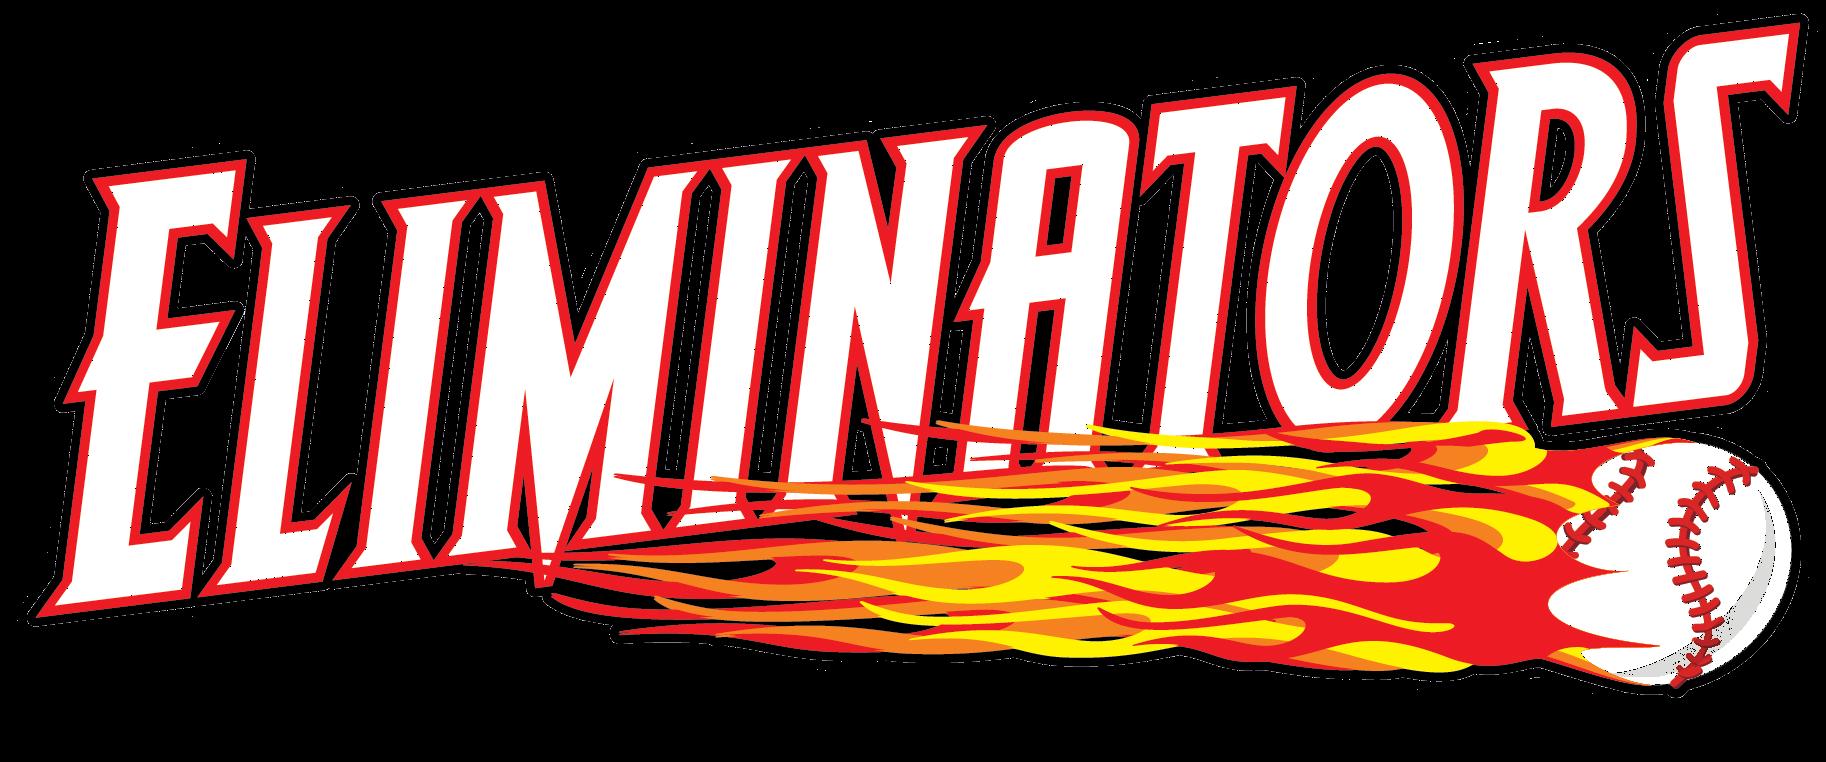 eliminator-logo.png